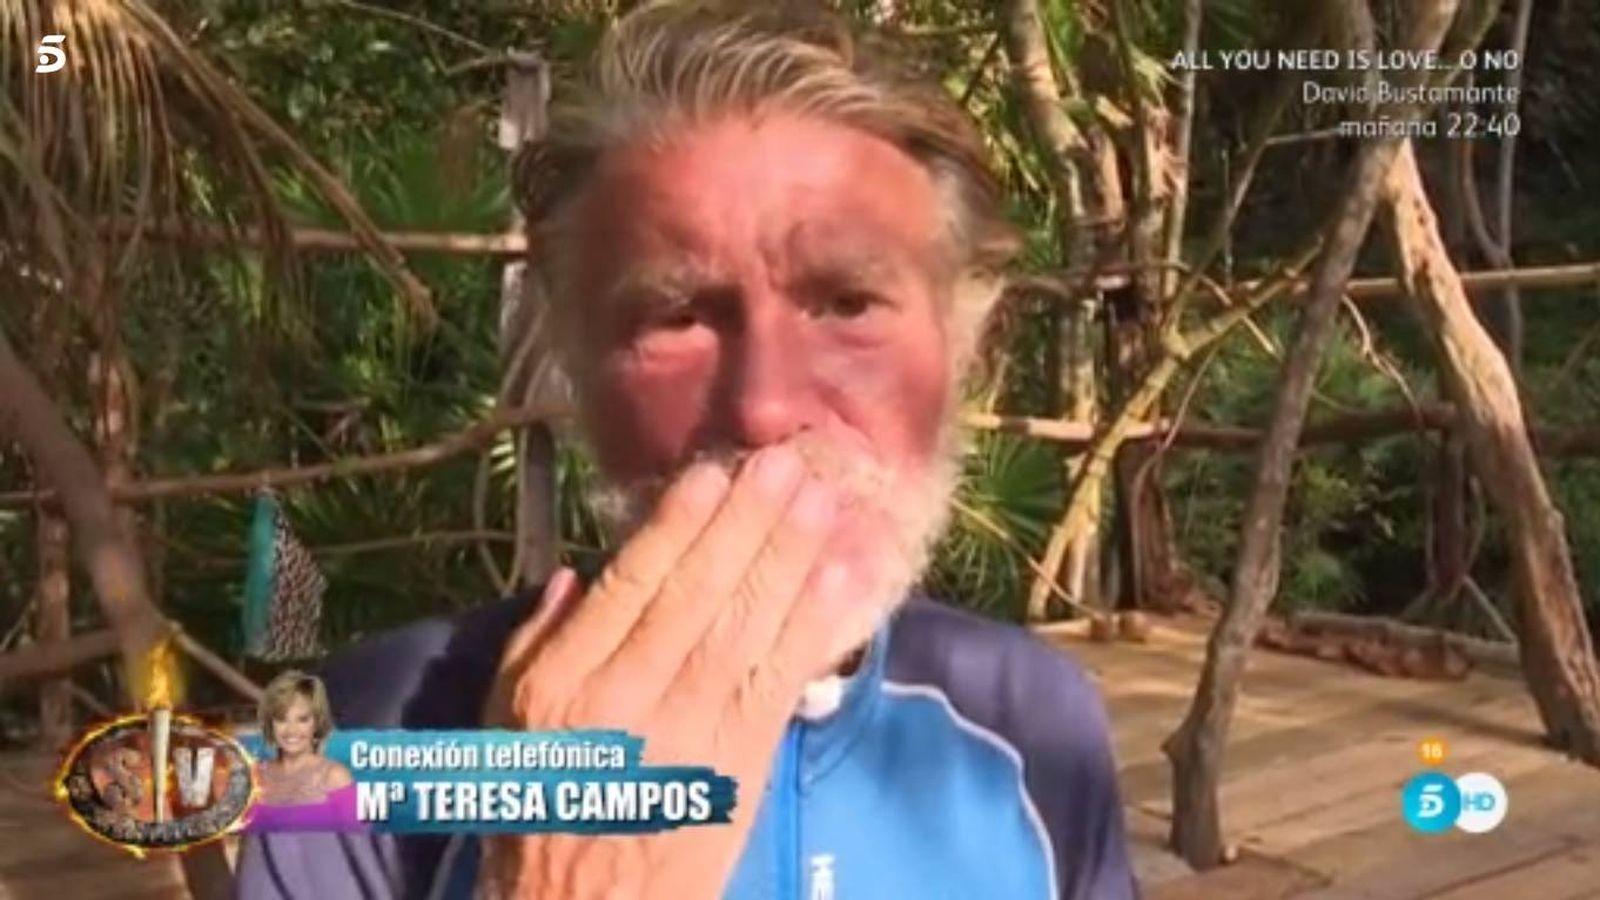 Foto: Edmundo se rompe tras escuchar la declaración de amor de Teresa Campos en 'Supervivientes'. (Mediaset España)